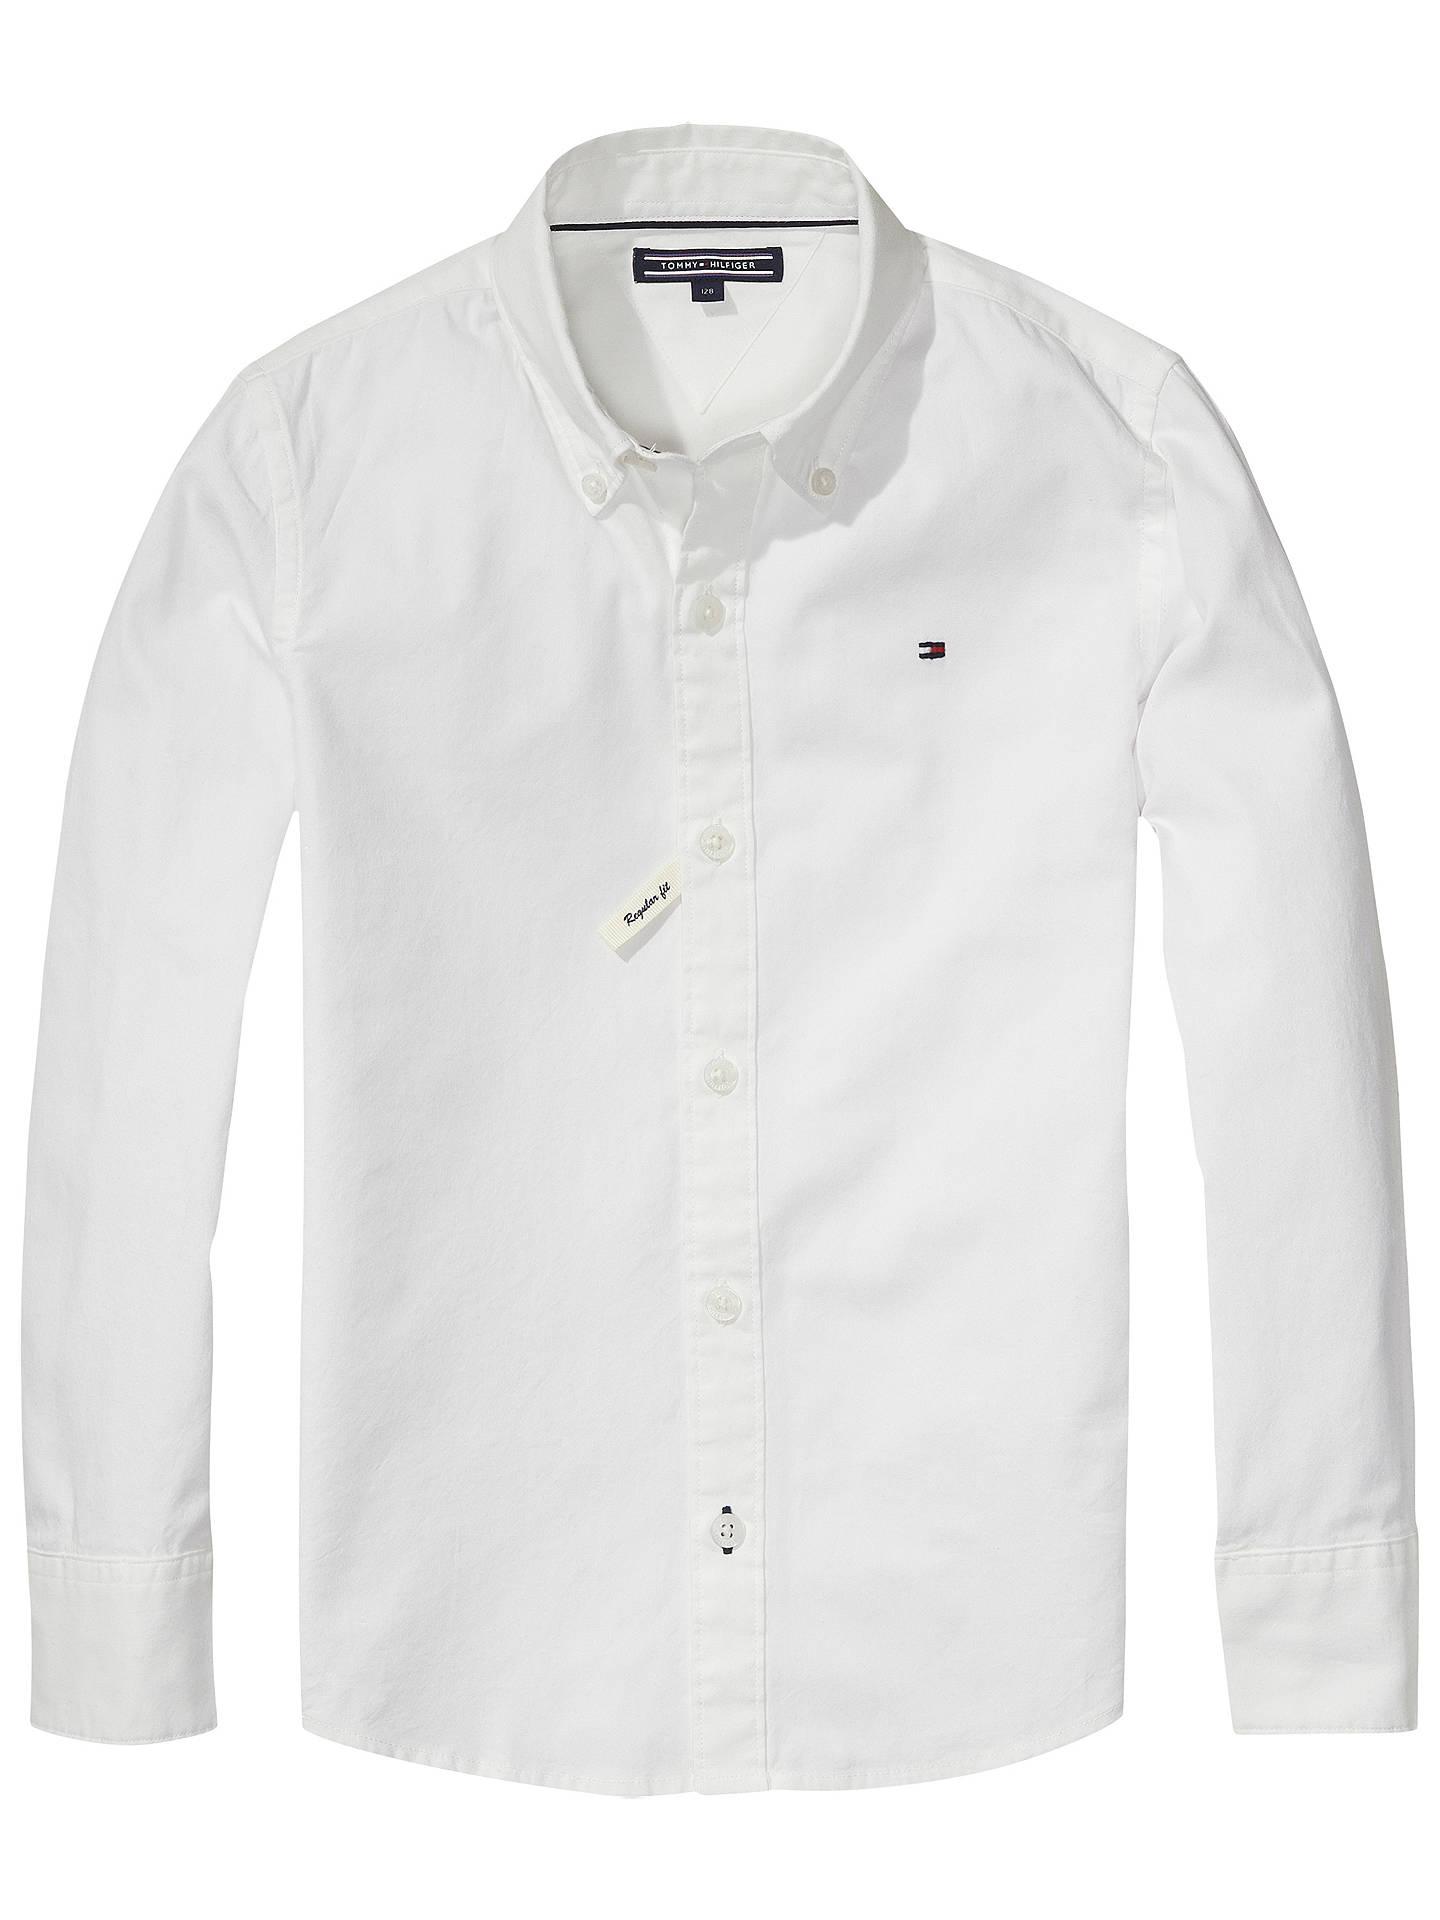 77918ef9e Buy Tommy Hilfiger Boys  Oxford Shirt